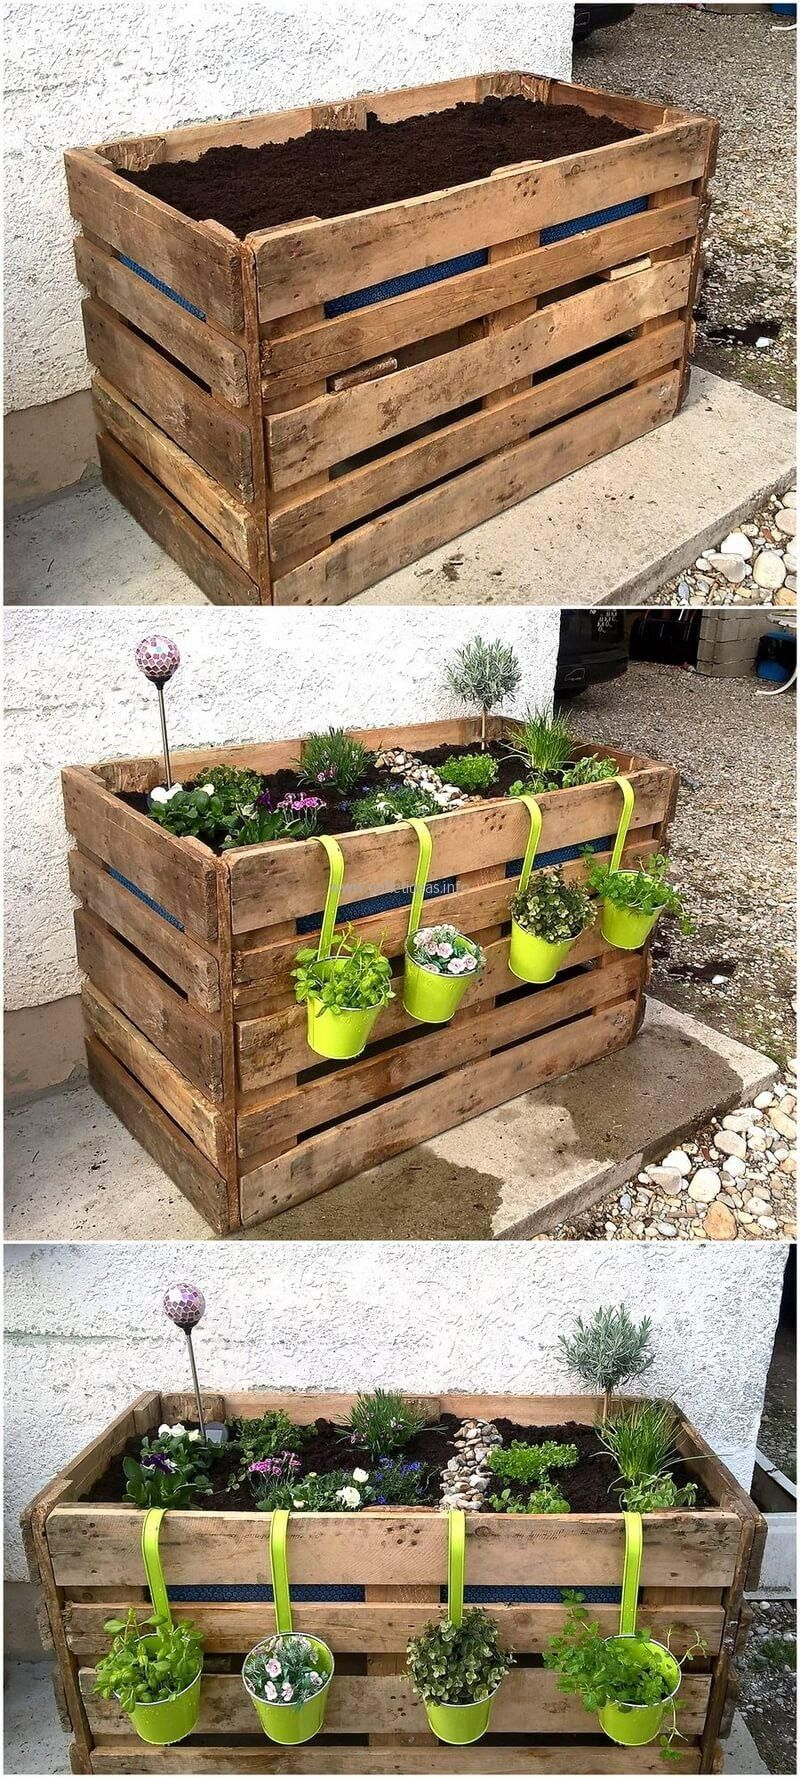 Wooden Pallet Planter Plan 1 Palety Garden